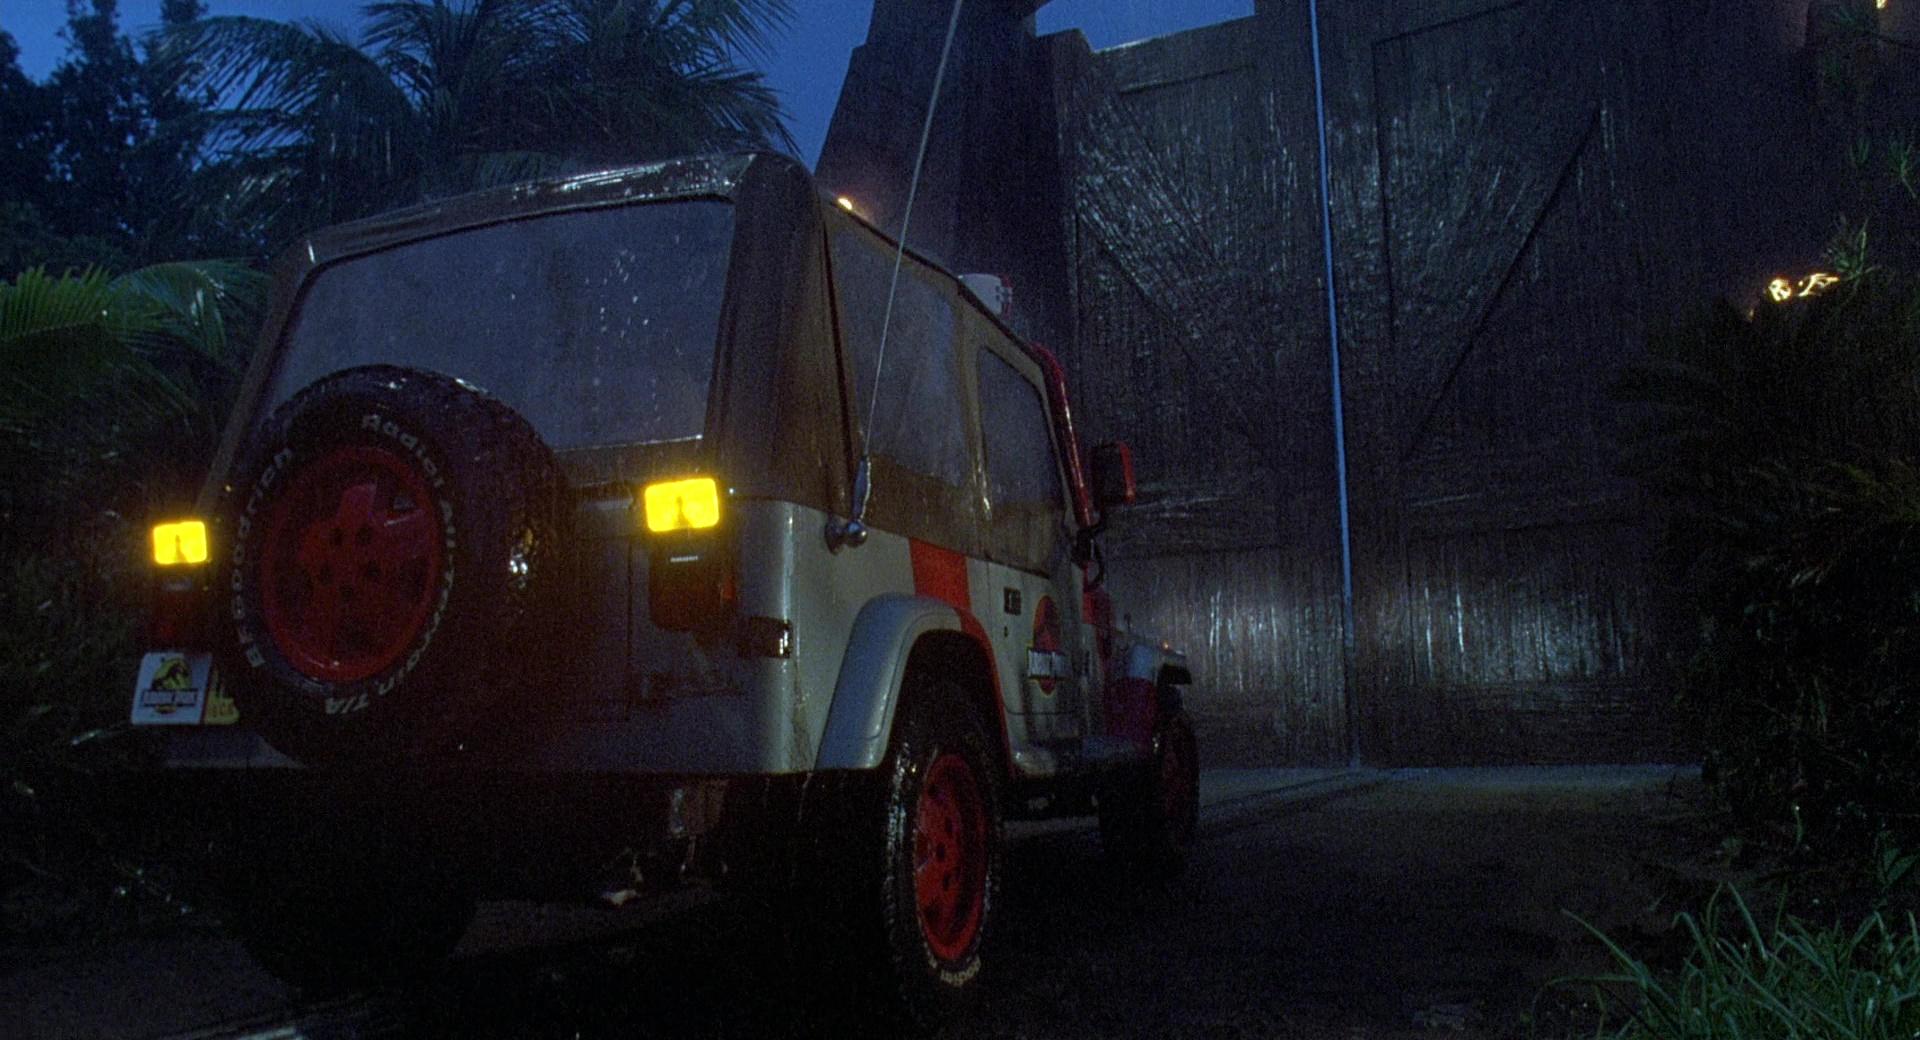 Jeep Wrangler Cars In Jurassic Park 1993 Movie